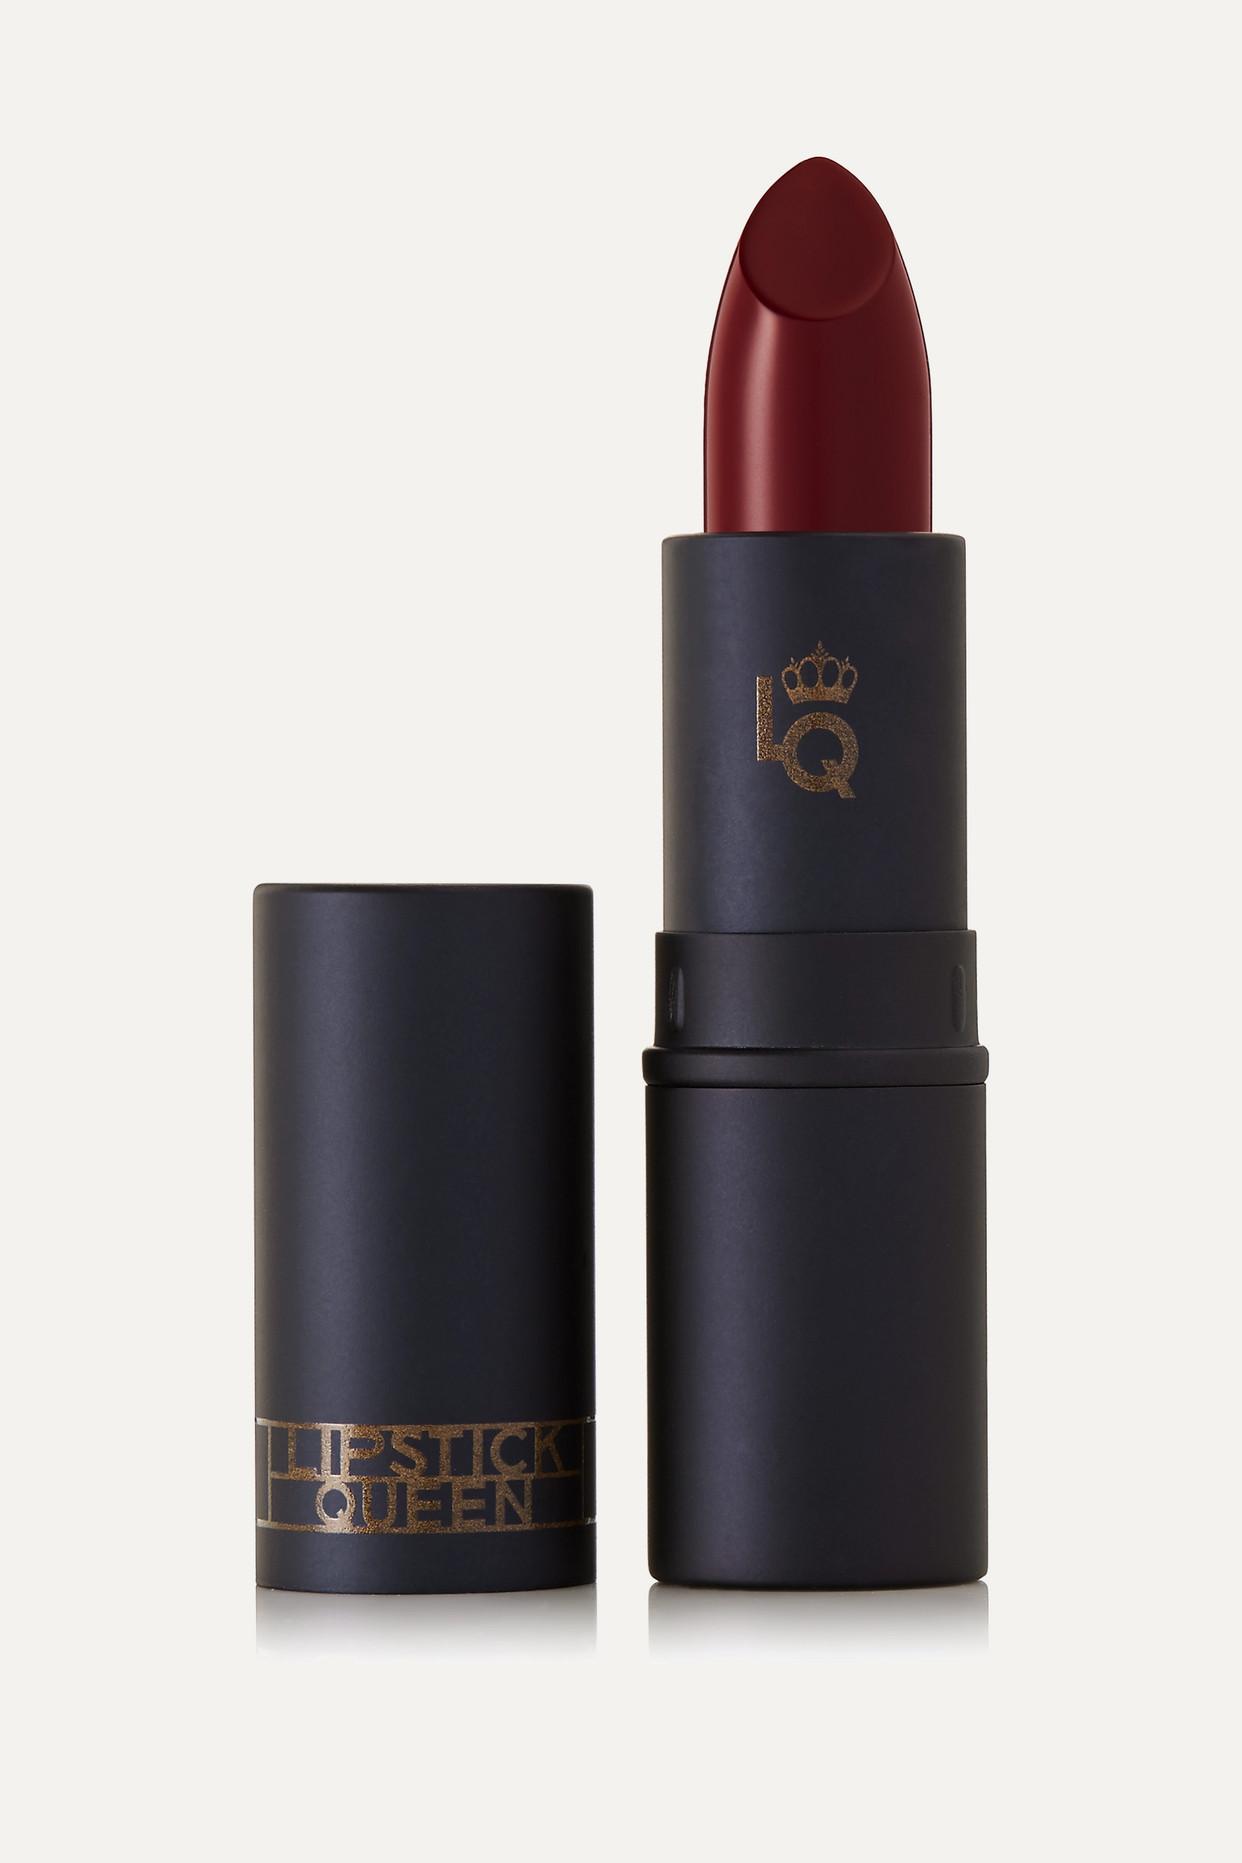 LIPSTICK QUEEN - Sinner Lipstick - Red Plum - Purple - one size